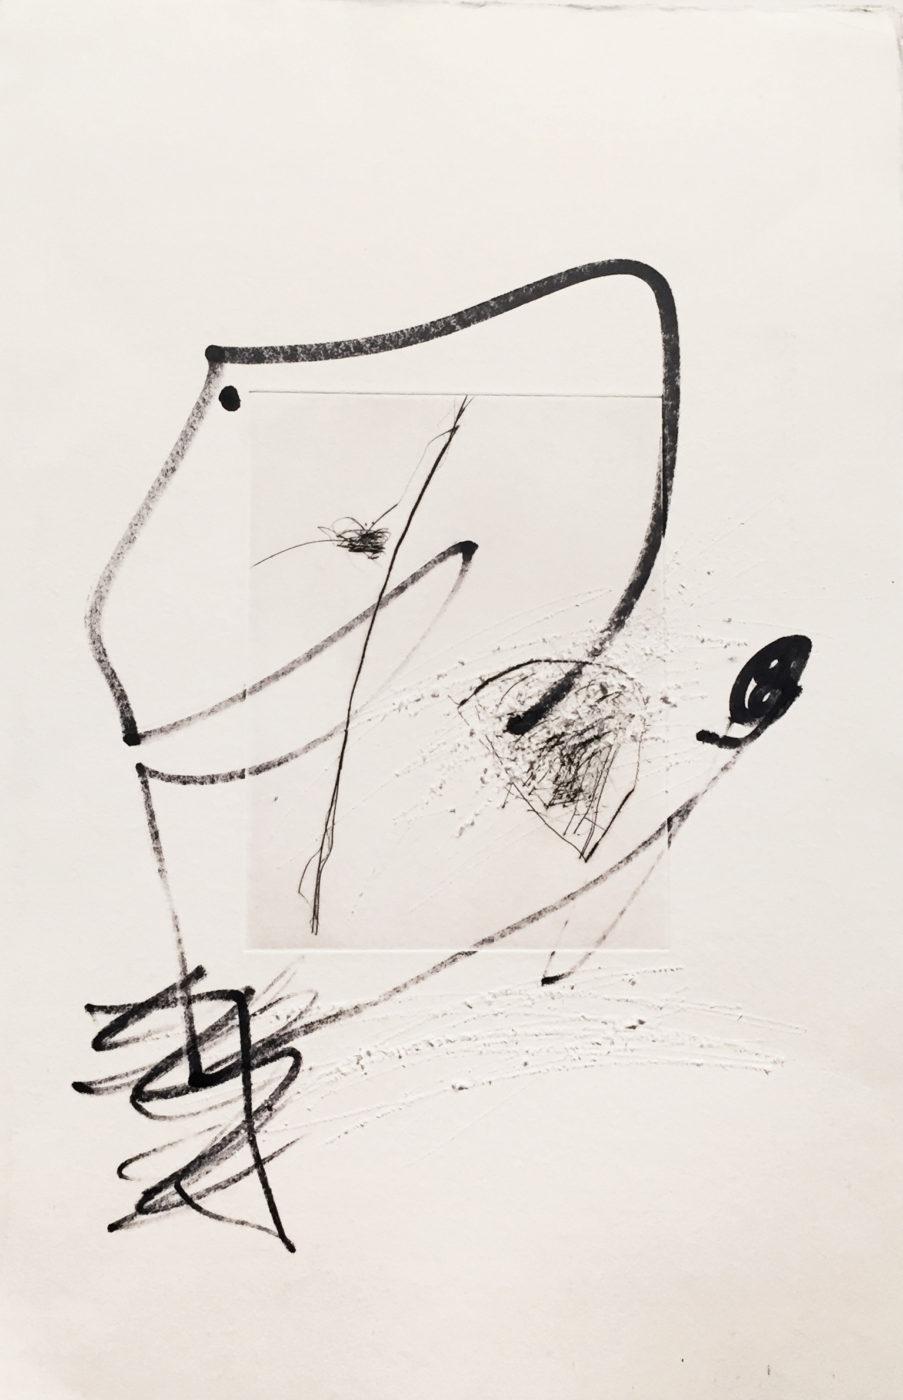 MARC FELD 2010-2016 LIGNES DE FUITE 7 Gravure sur zinc rehaussée au stylo feutre 28 x 38 cm tirage Patrick Vernet